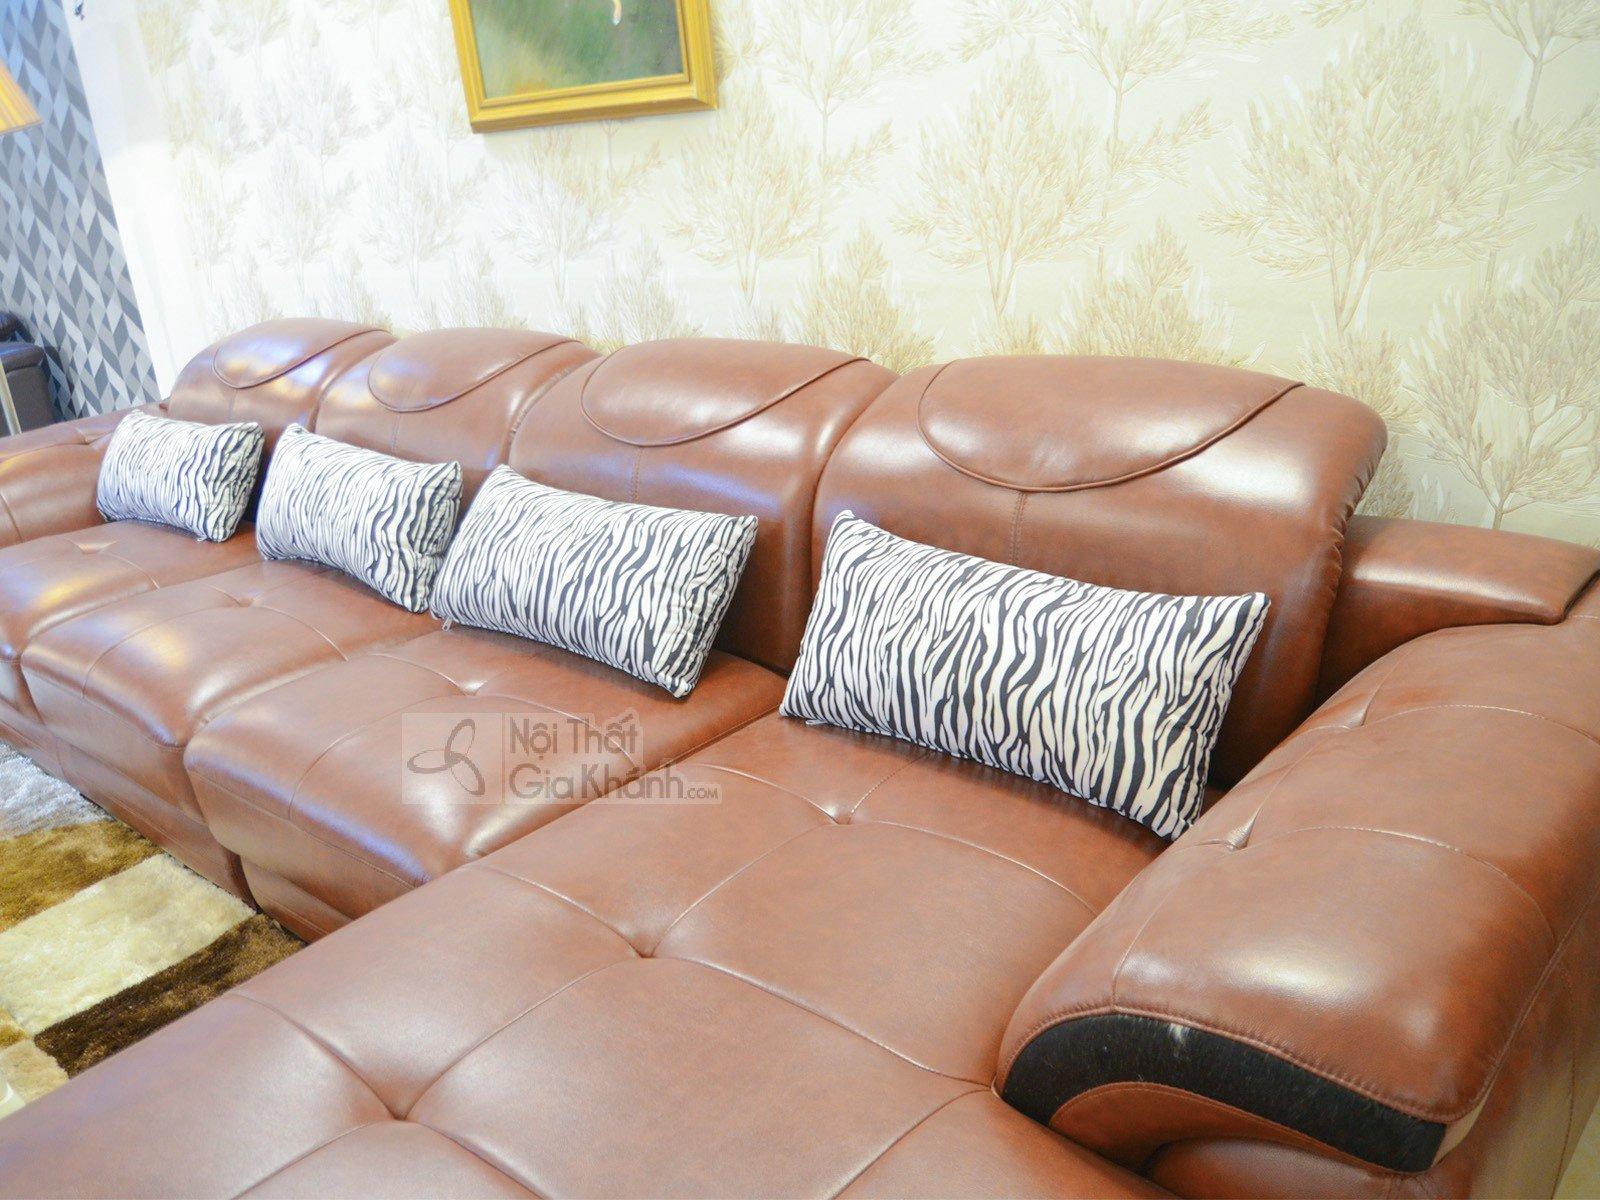 SOFA NÂU BÒ HIỆN ĐẠI 3 BĂNG GÓC TRÁI 9191B-SF - sofa da màu nâu bò 919B 1 1